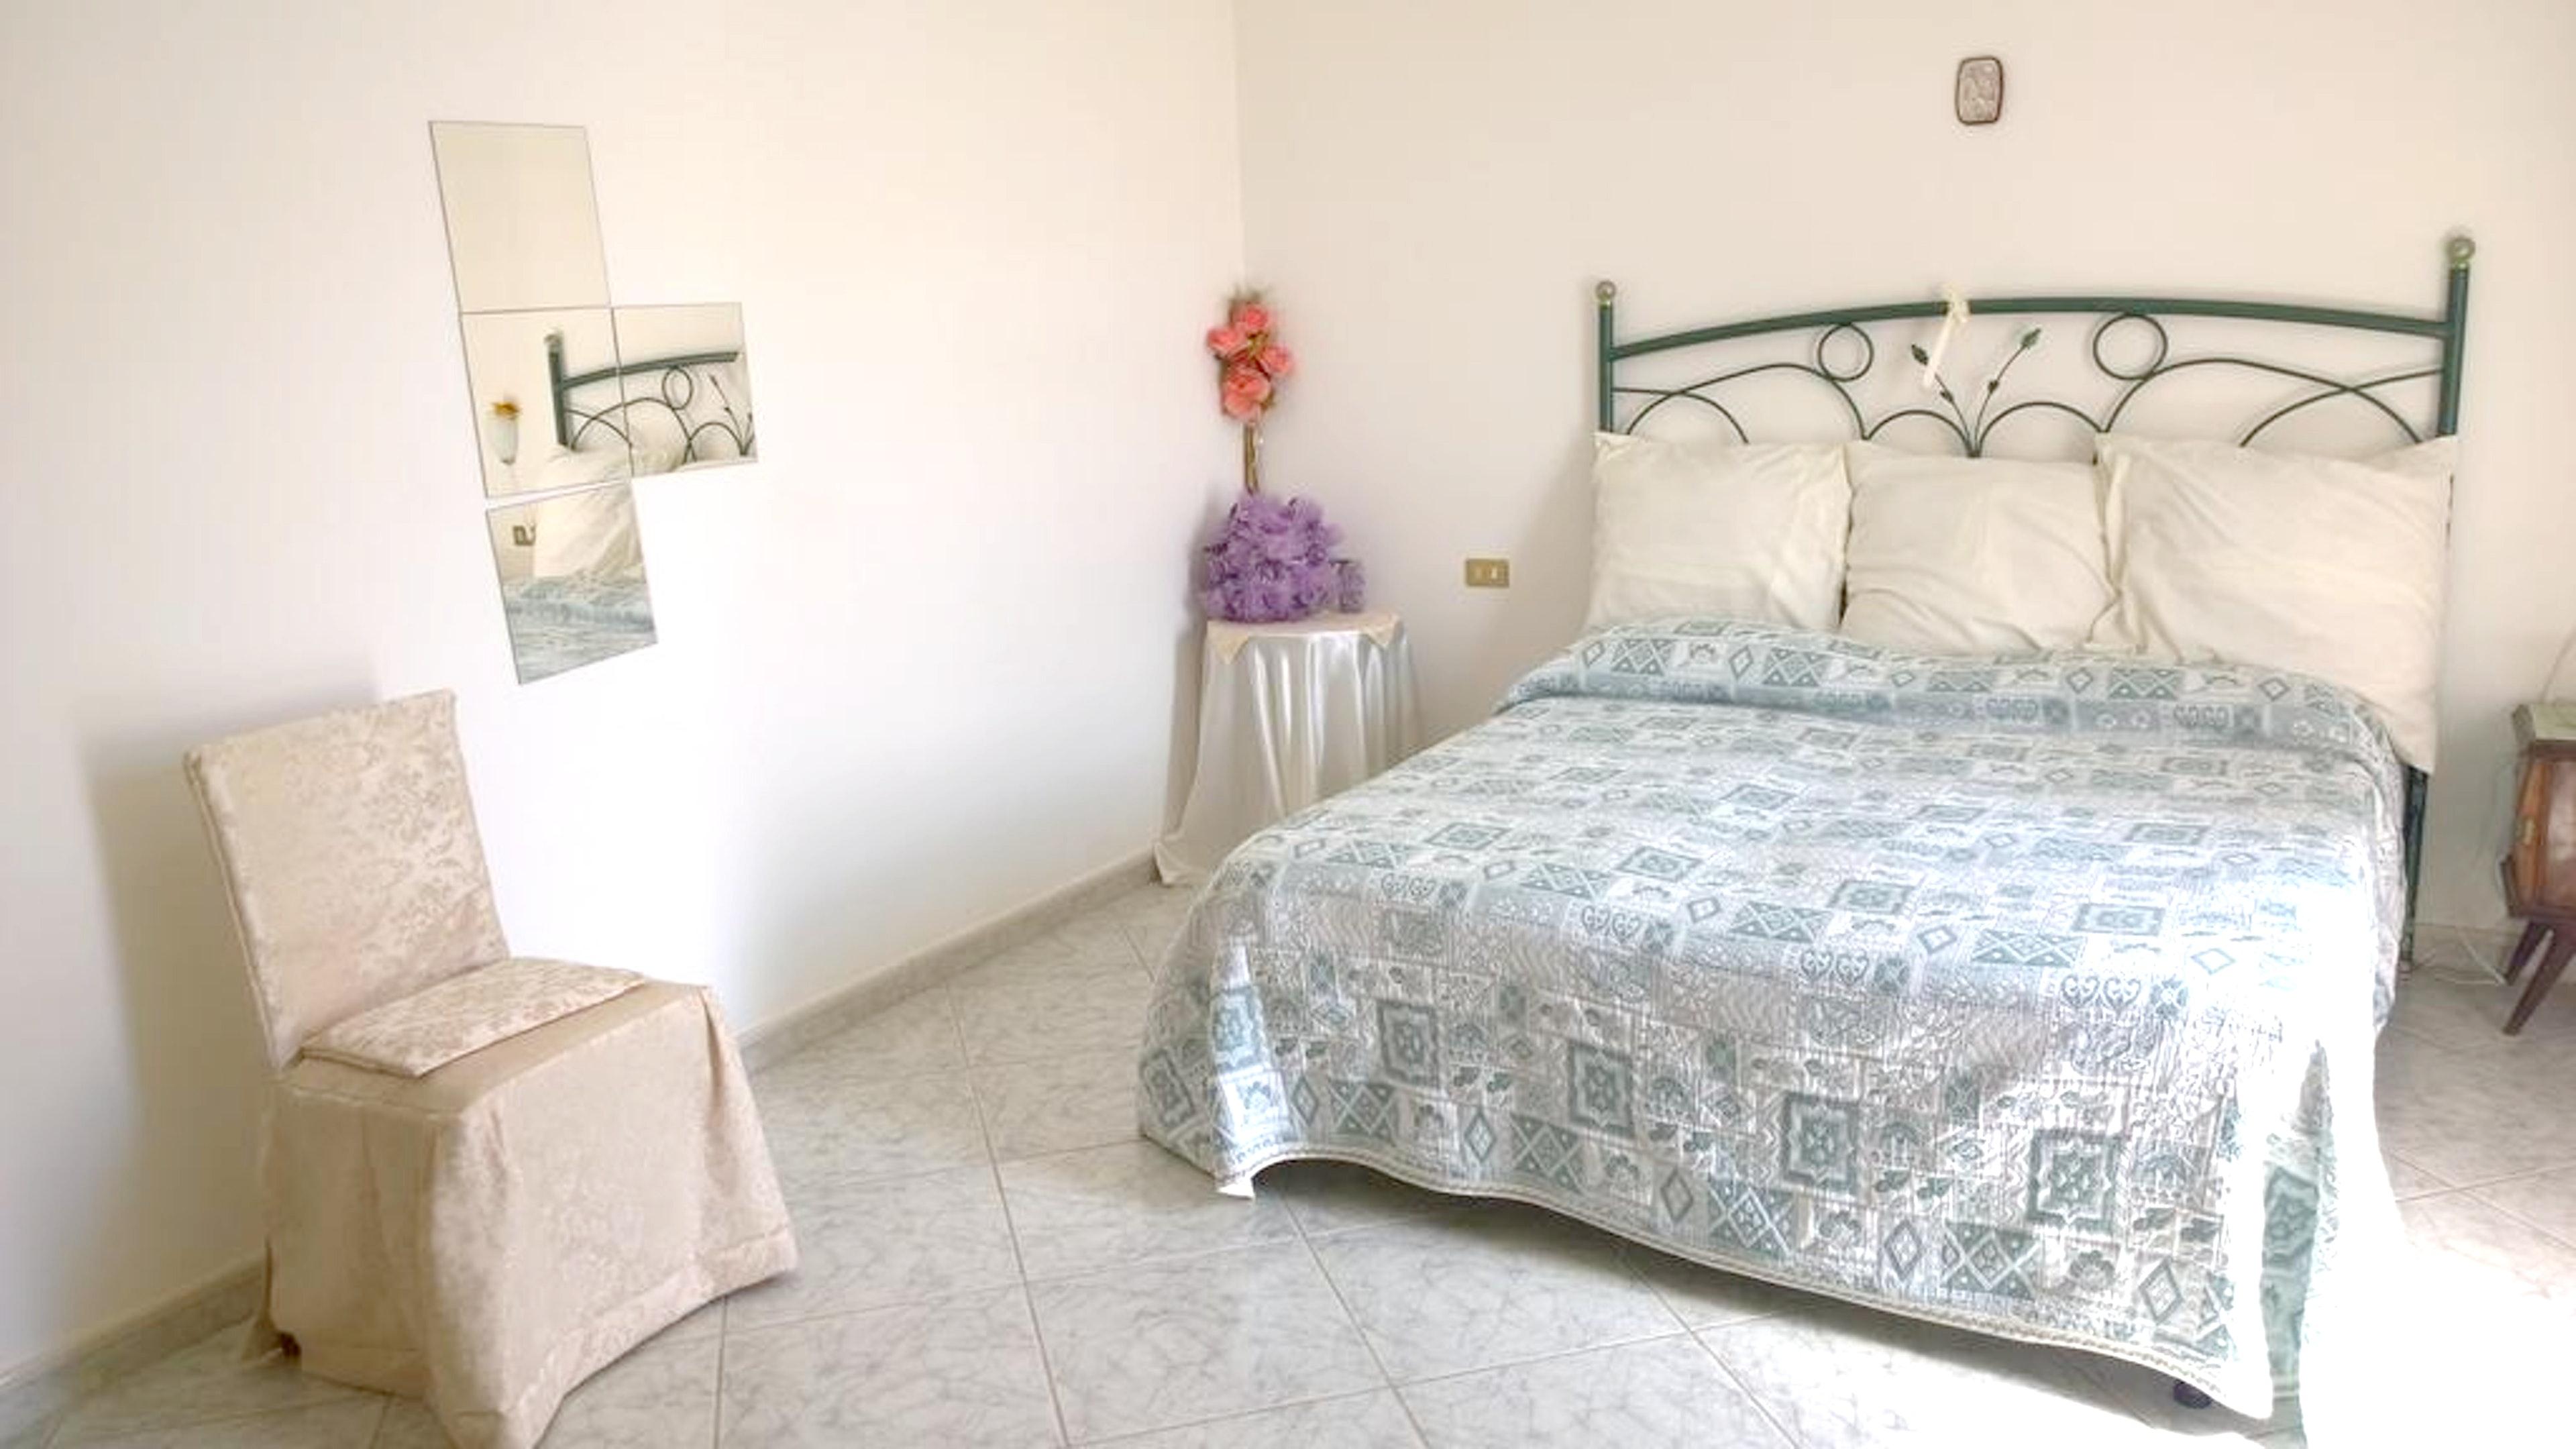 Ferienhaus Haus mit 3 Schlafzimmern in Tramonti mit toller Aussicht auf die Berge, eingezäuntem Garte (2591647), Tramonti, Salerno, Kampanien, Italien, Bild 7